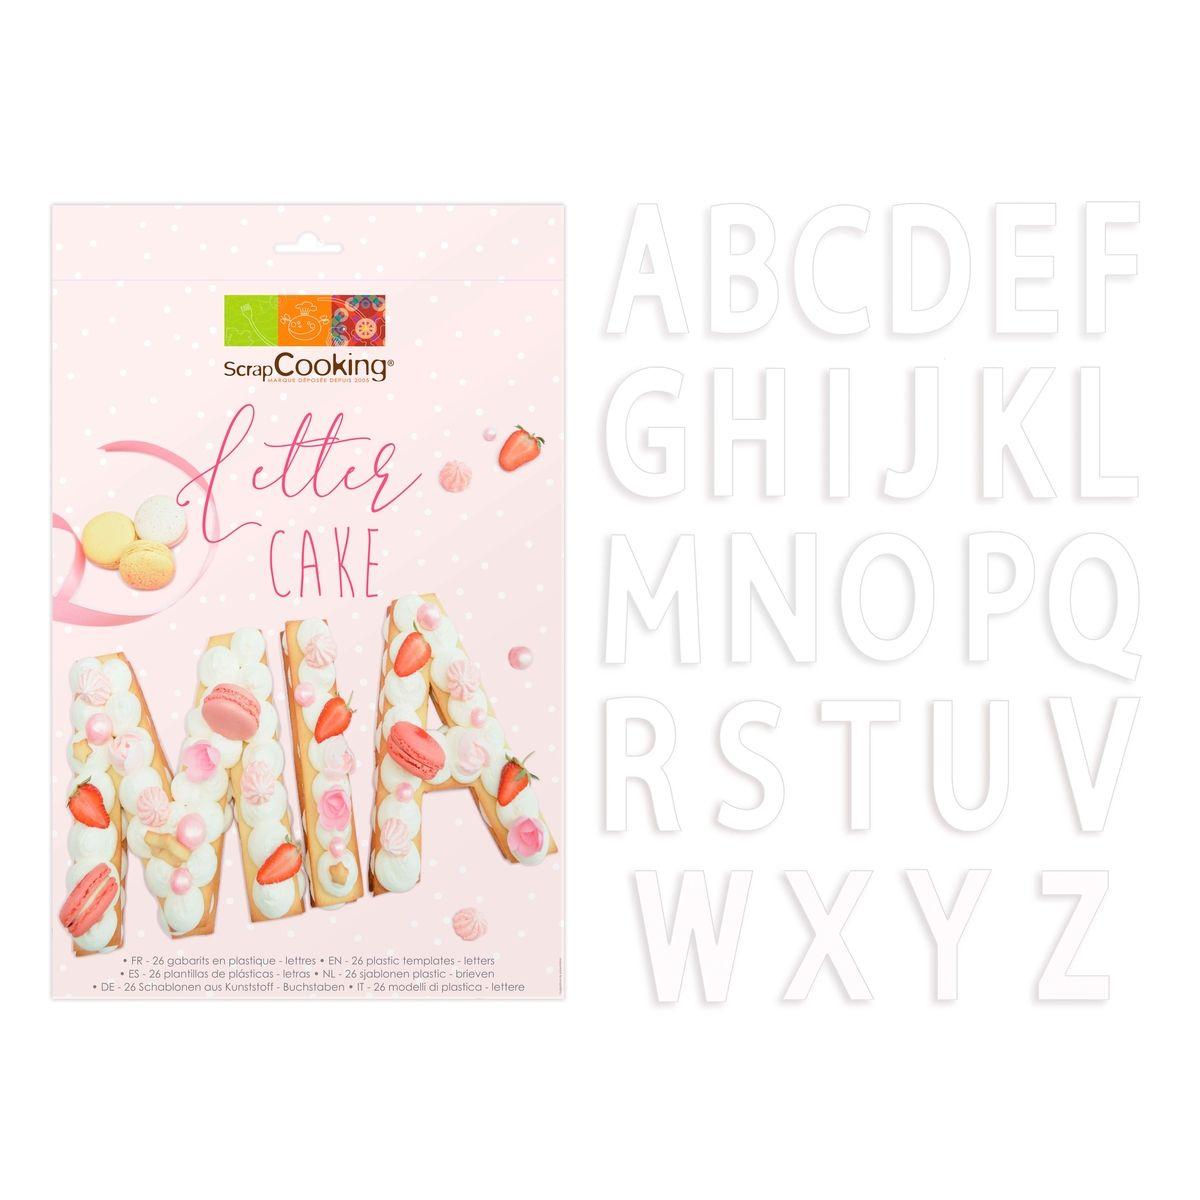 26 gabarits pour letter cake en plastique 19 cm - Scrapcooking